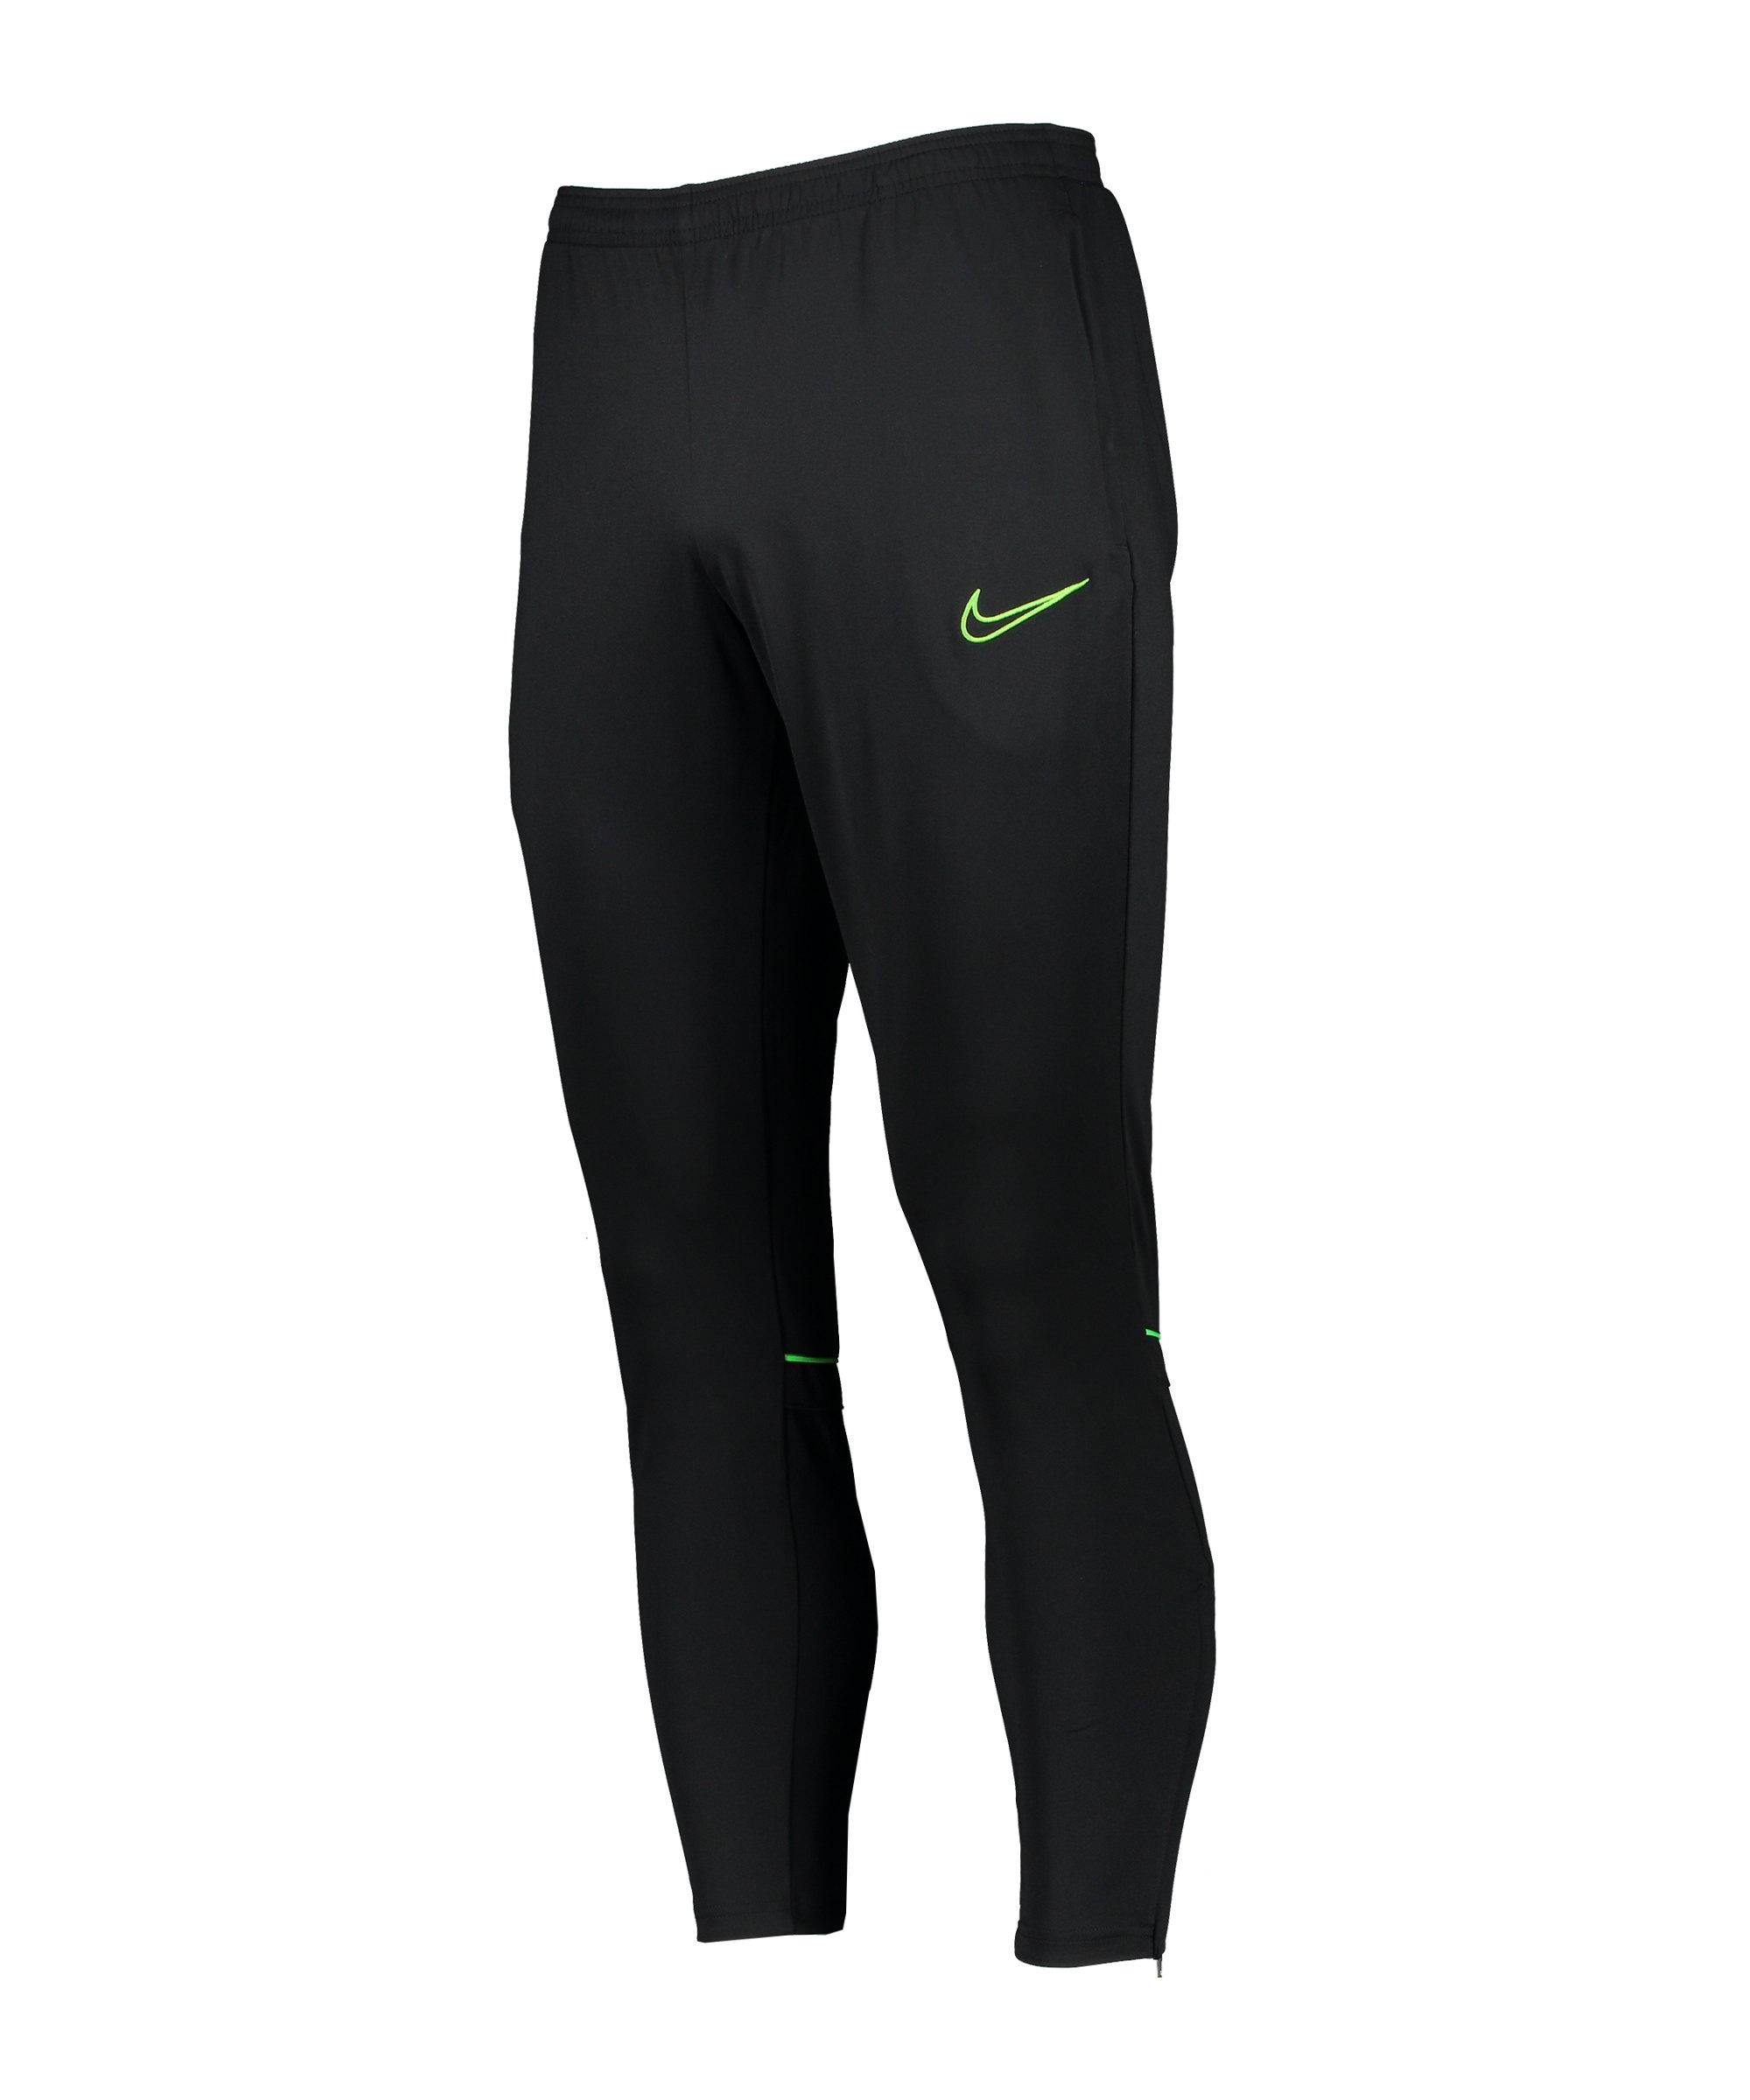 Nike Academy 21 Trainingshose Schwarz F014 - schwarz